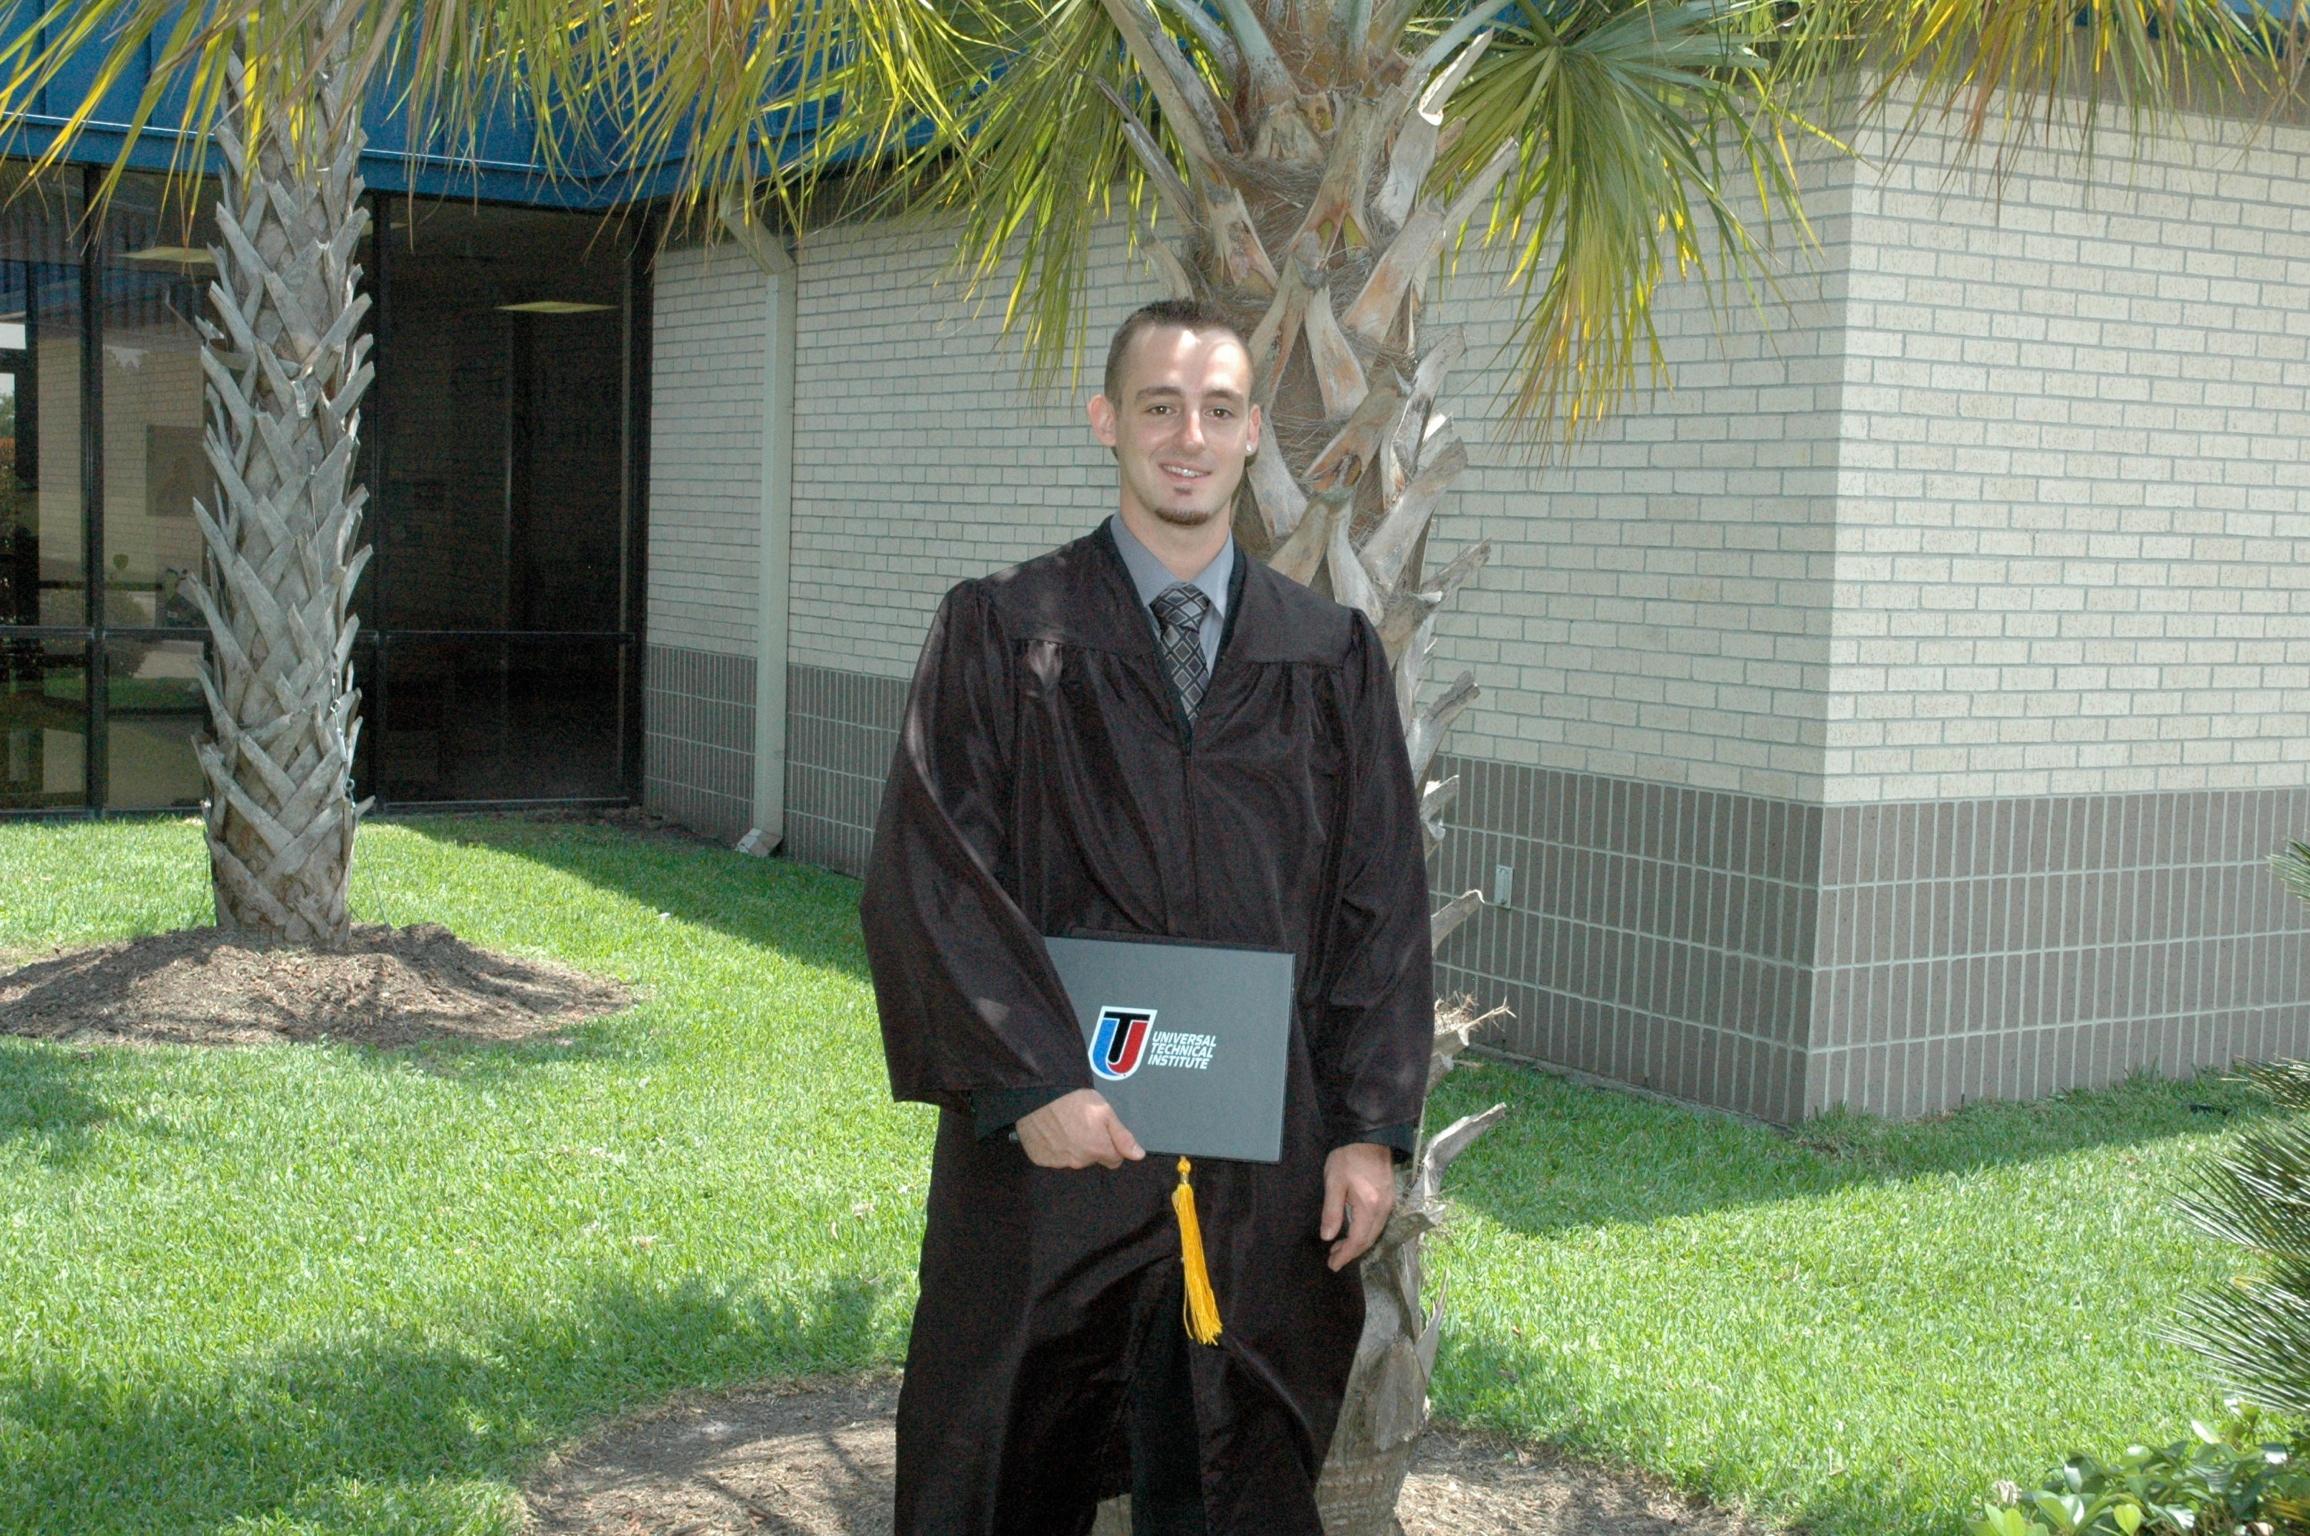 Bobby bove graduation